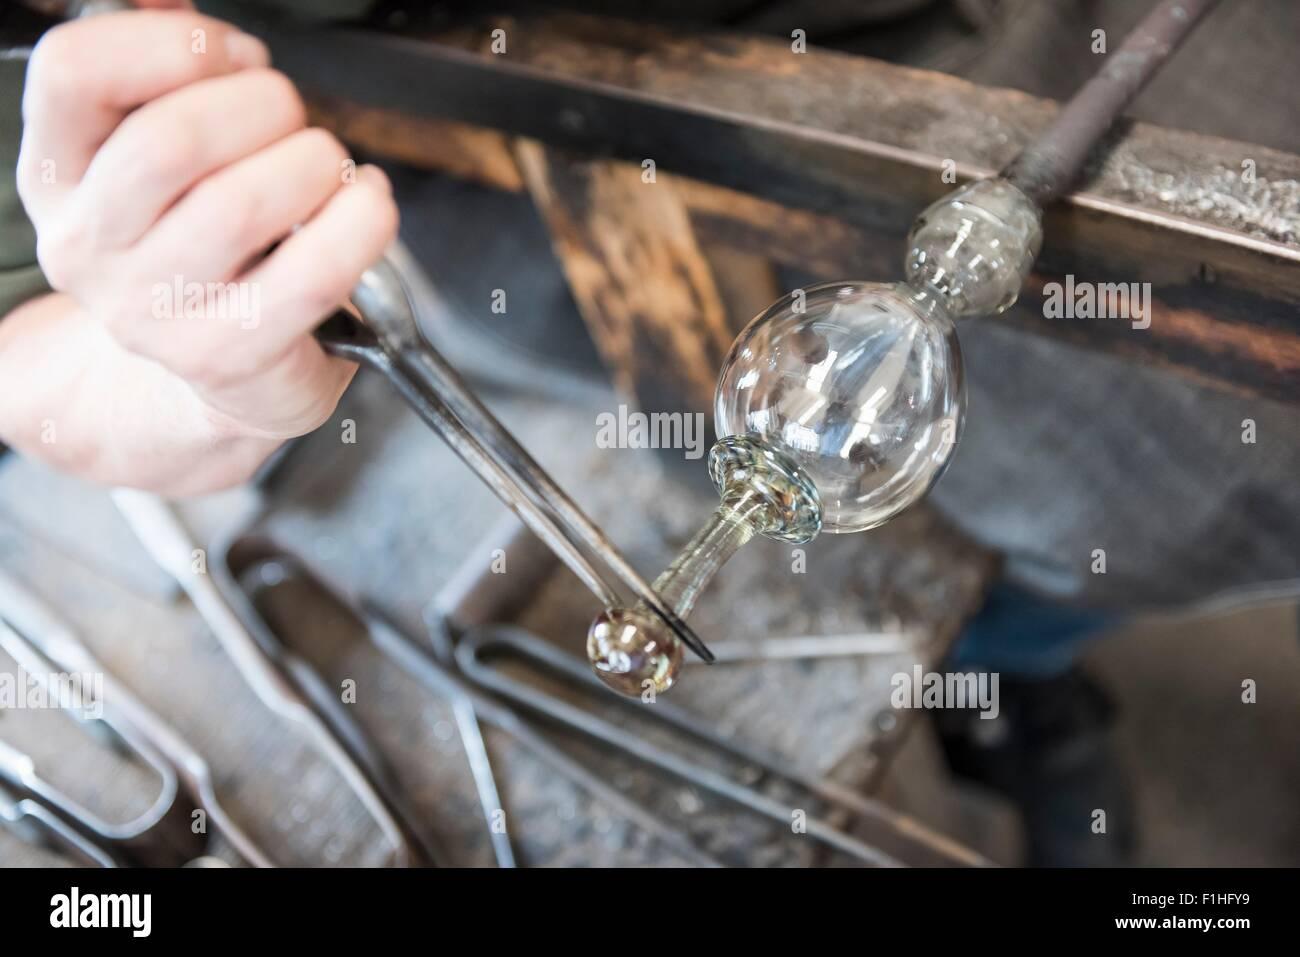 Souffleur de verre chaud formant l'objet, Close up Photo Stock